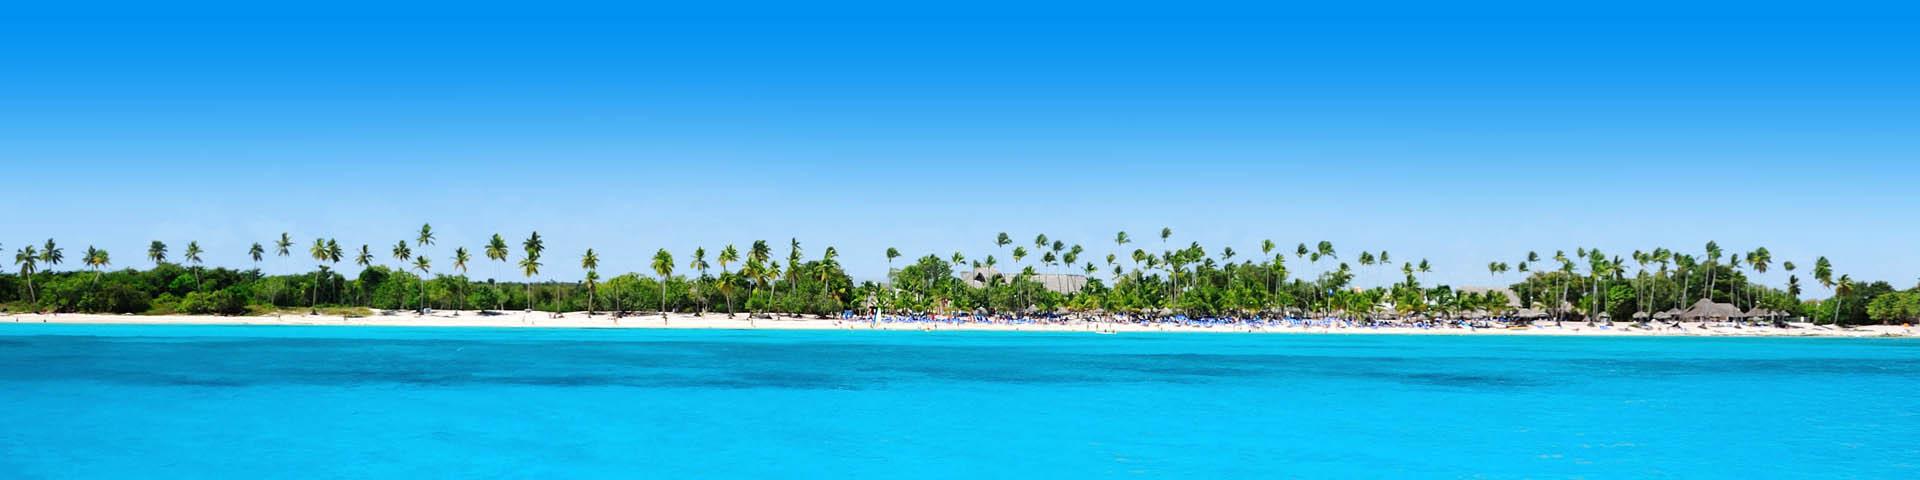 Azuurblauwe zee met palmbomen en een strand